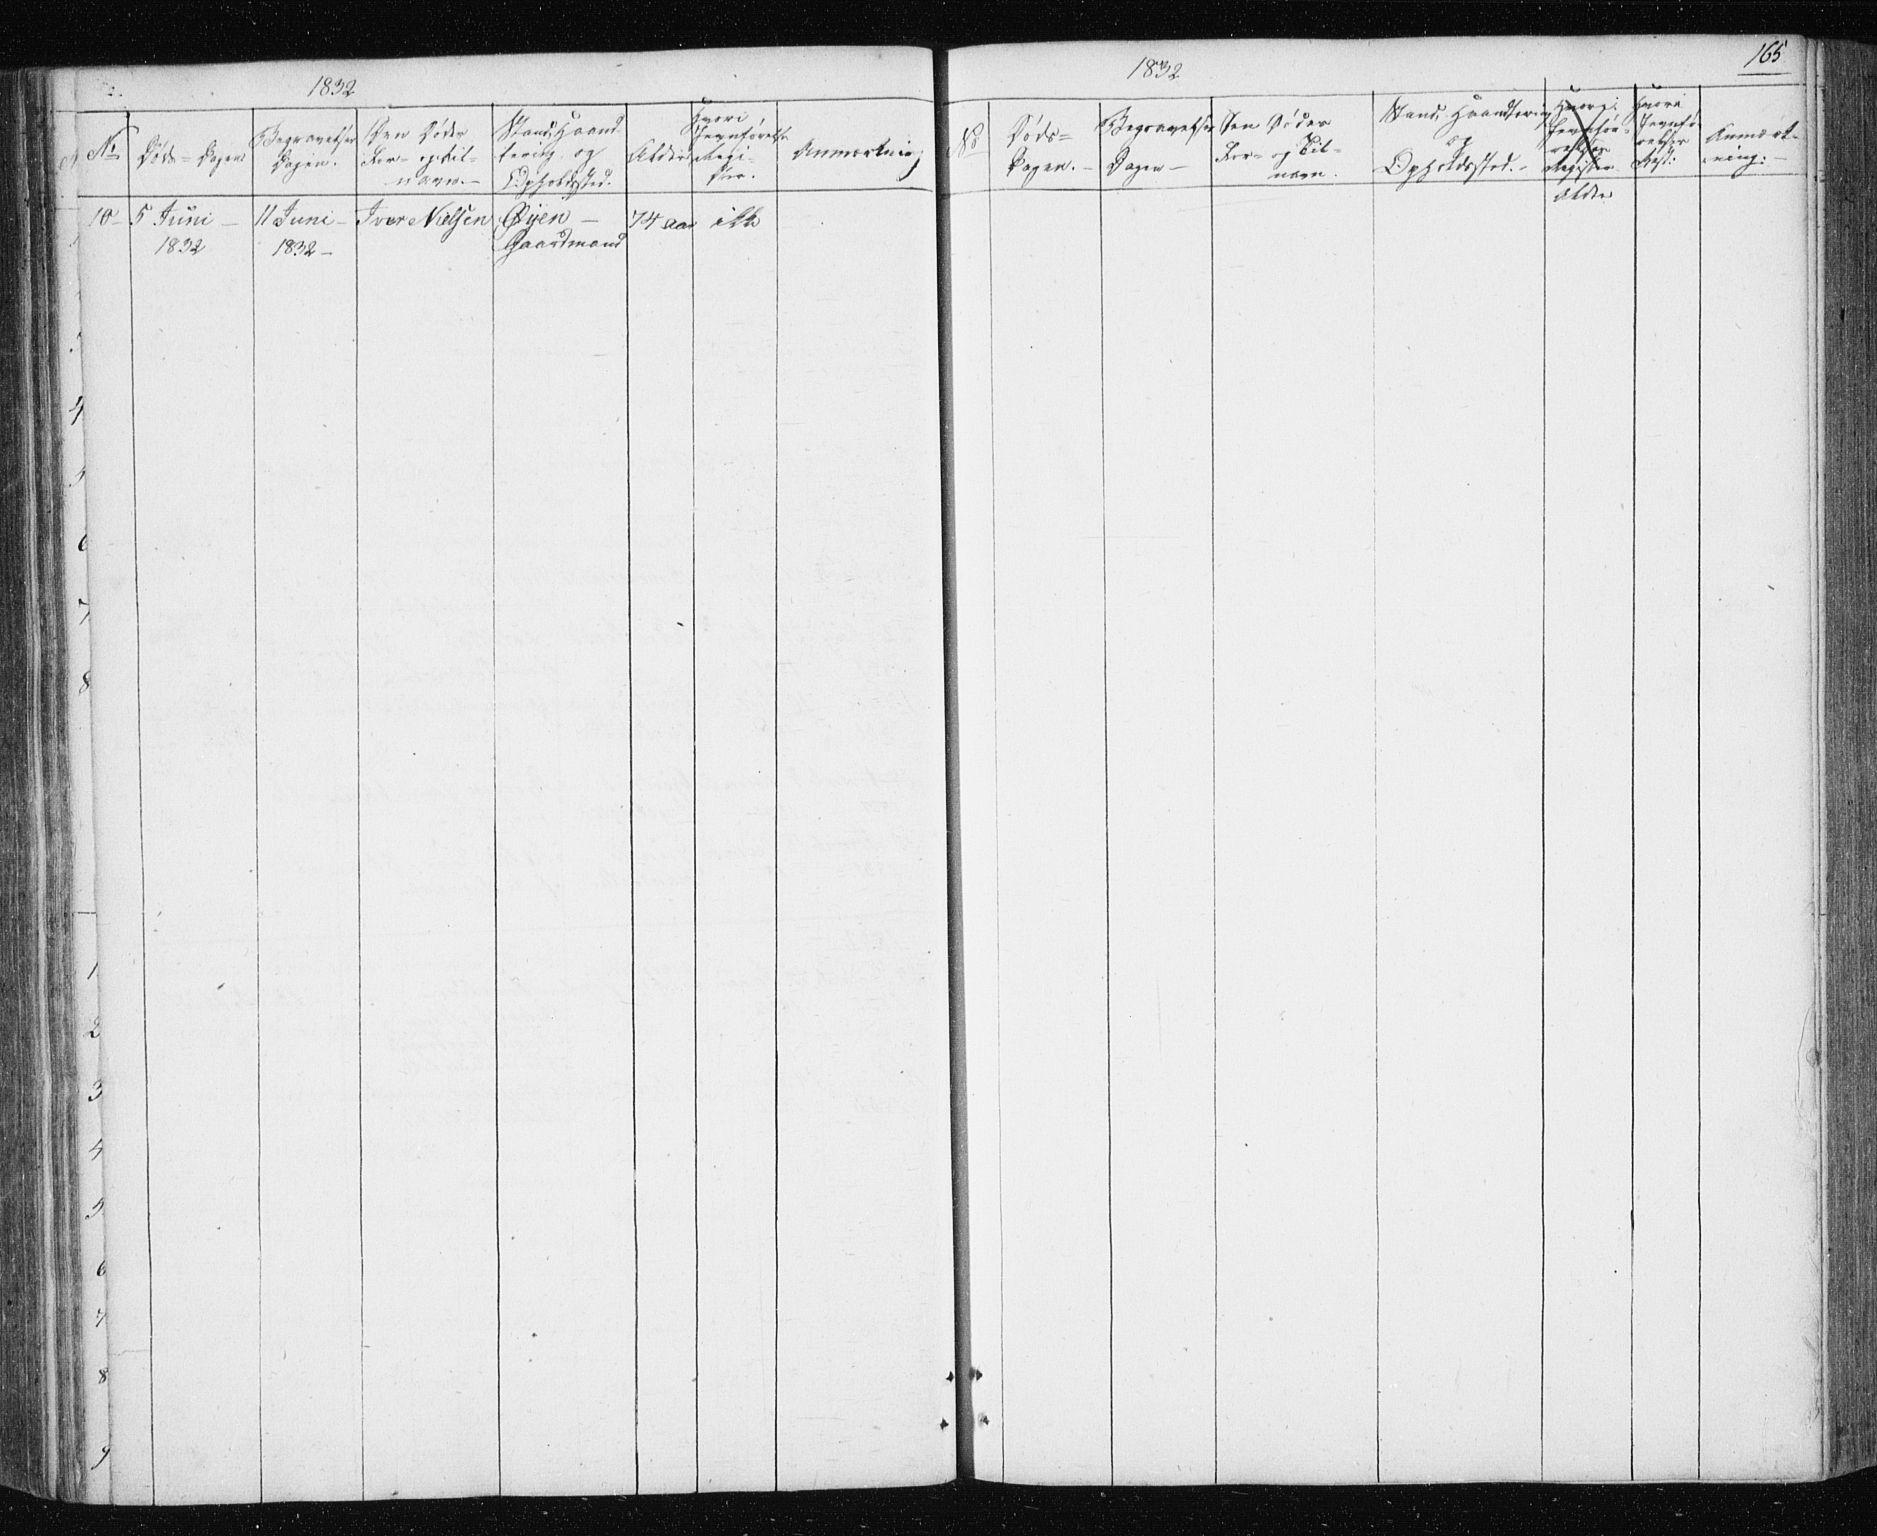 SAT, Ministerialprotokoller, klokkerbøker og fødselsregistre - Sør-Trøndelag, 687/L1017: Klokkerbok nr. 687C01, 1816-1837, s. 165